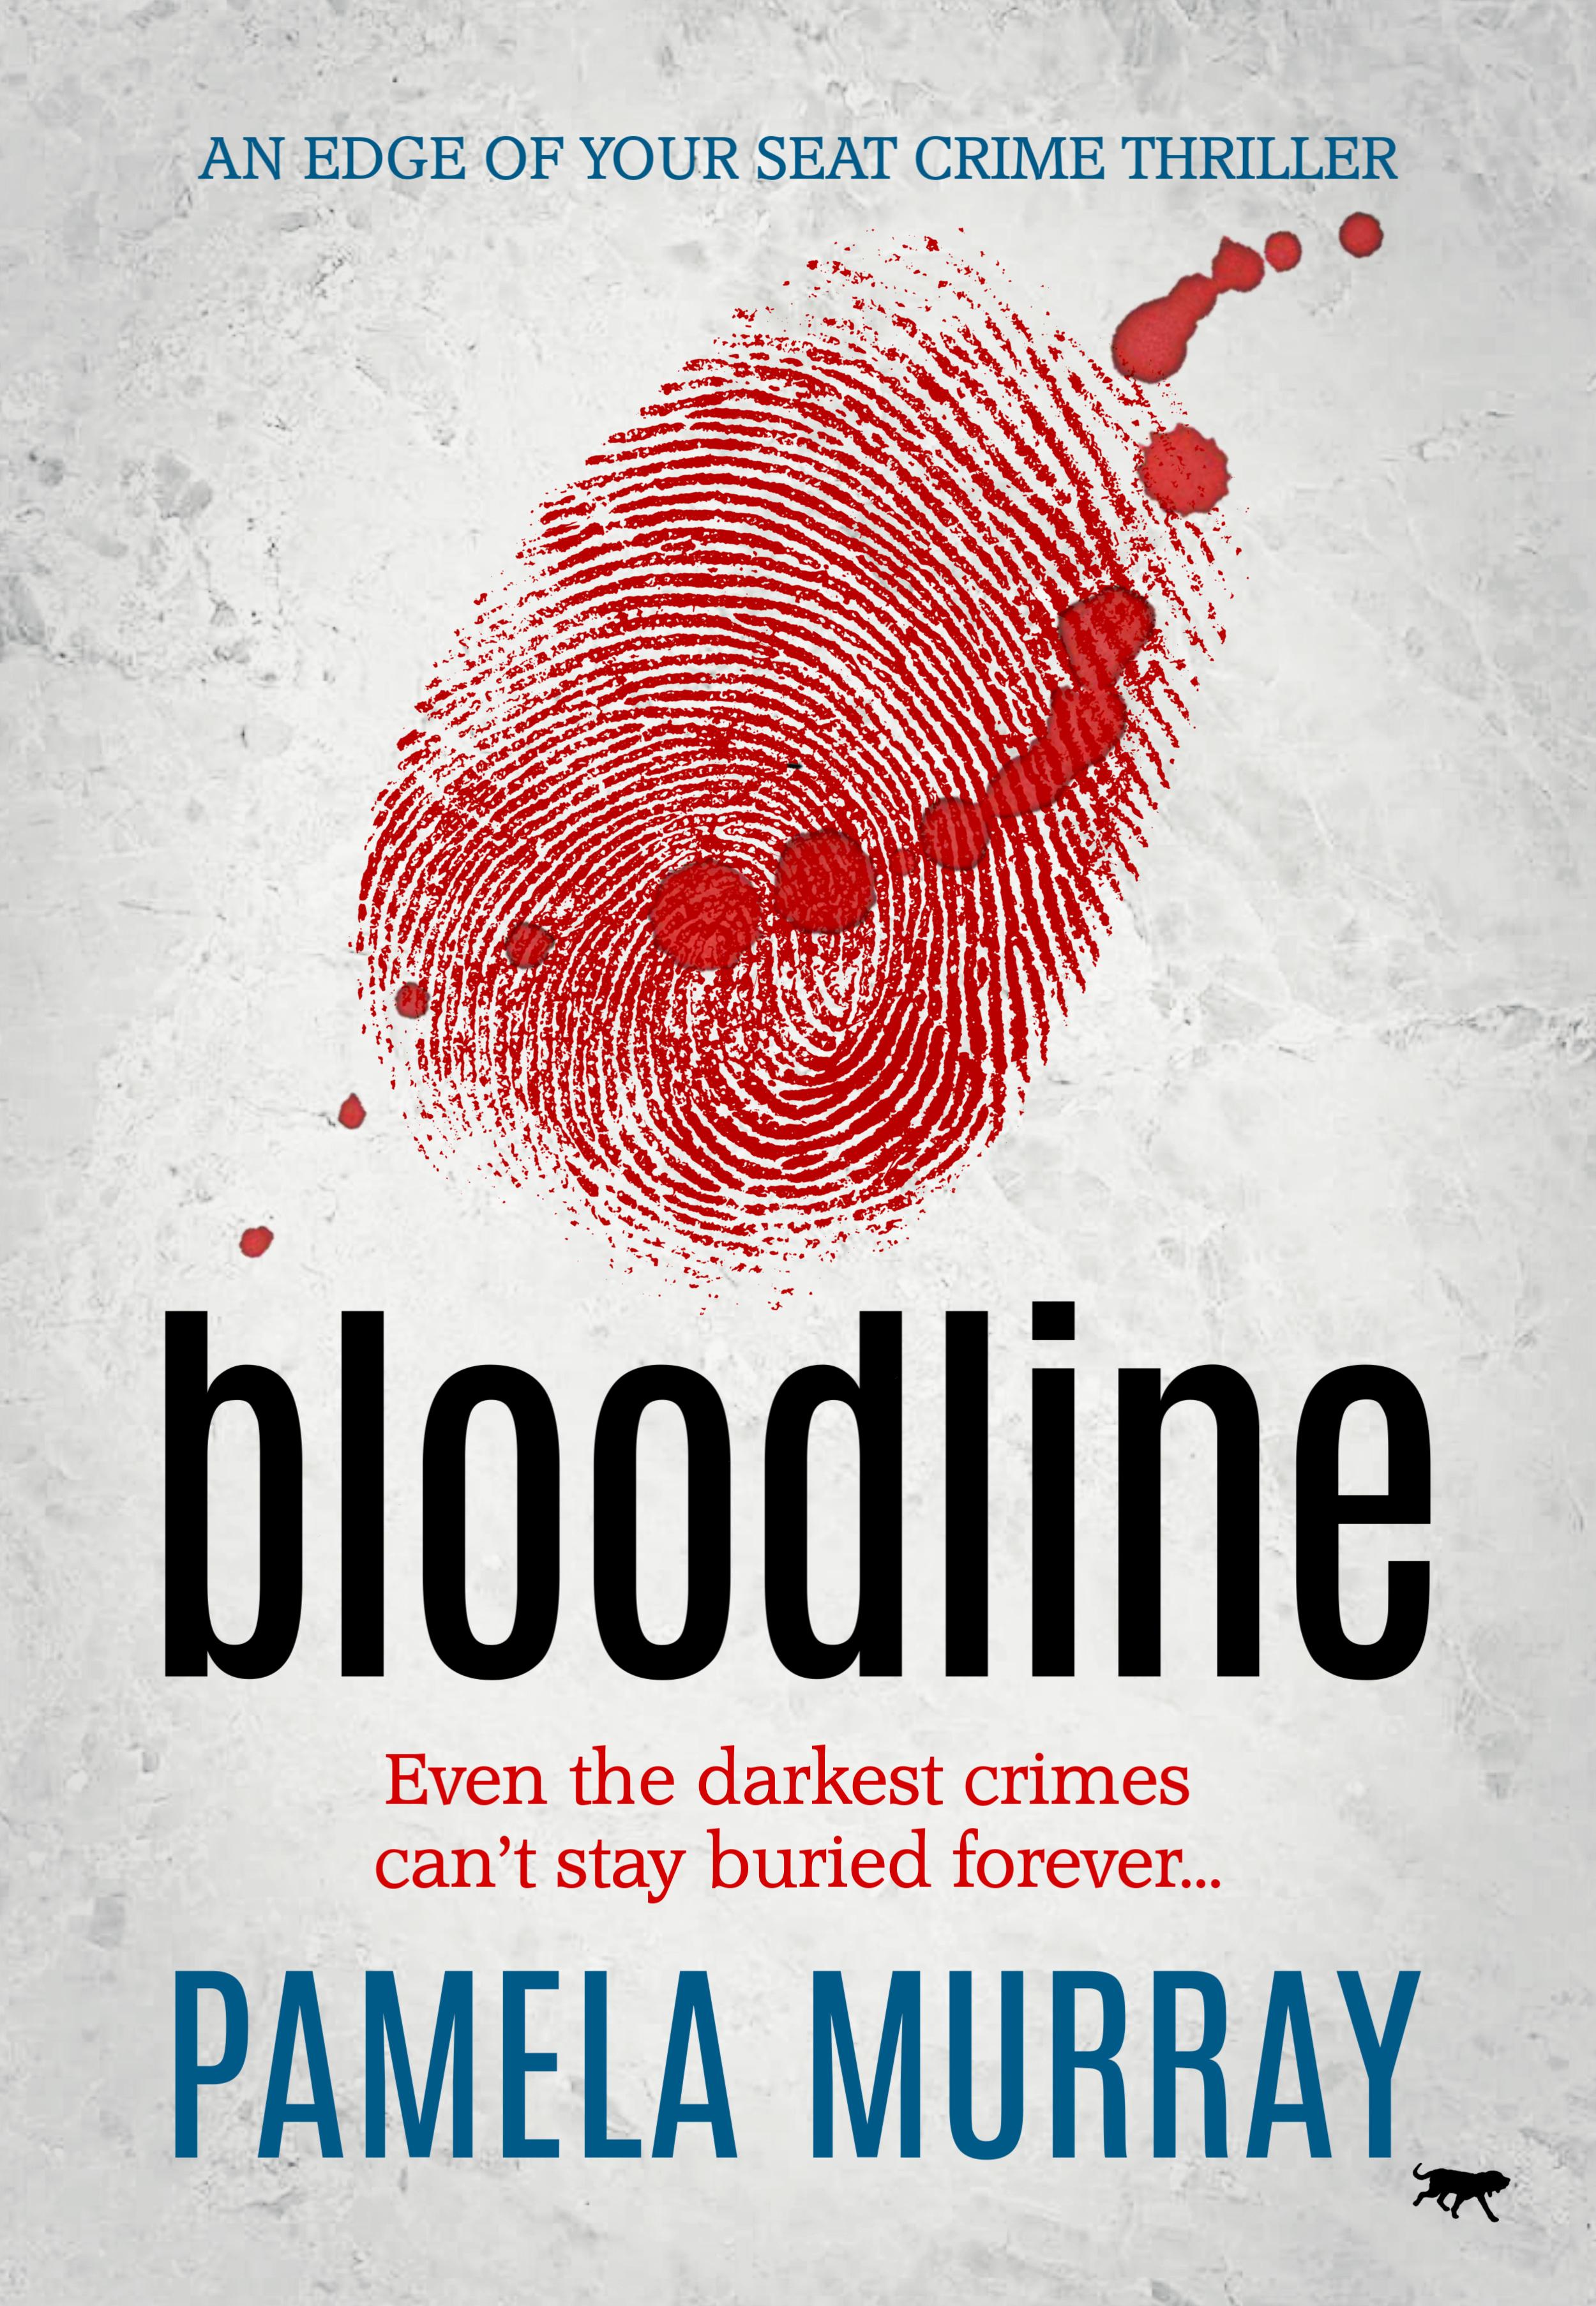 BLOODLINE 1.1.jpg